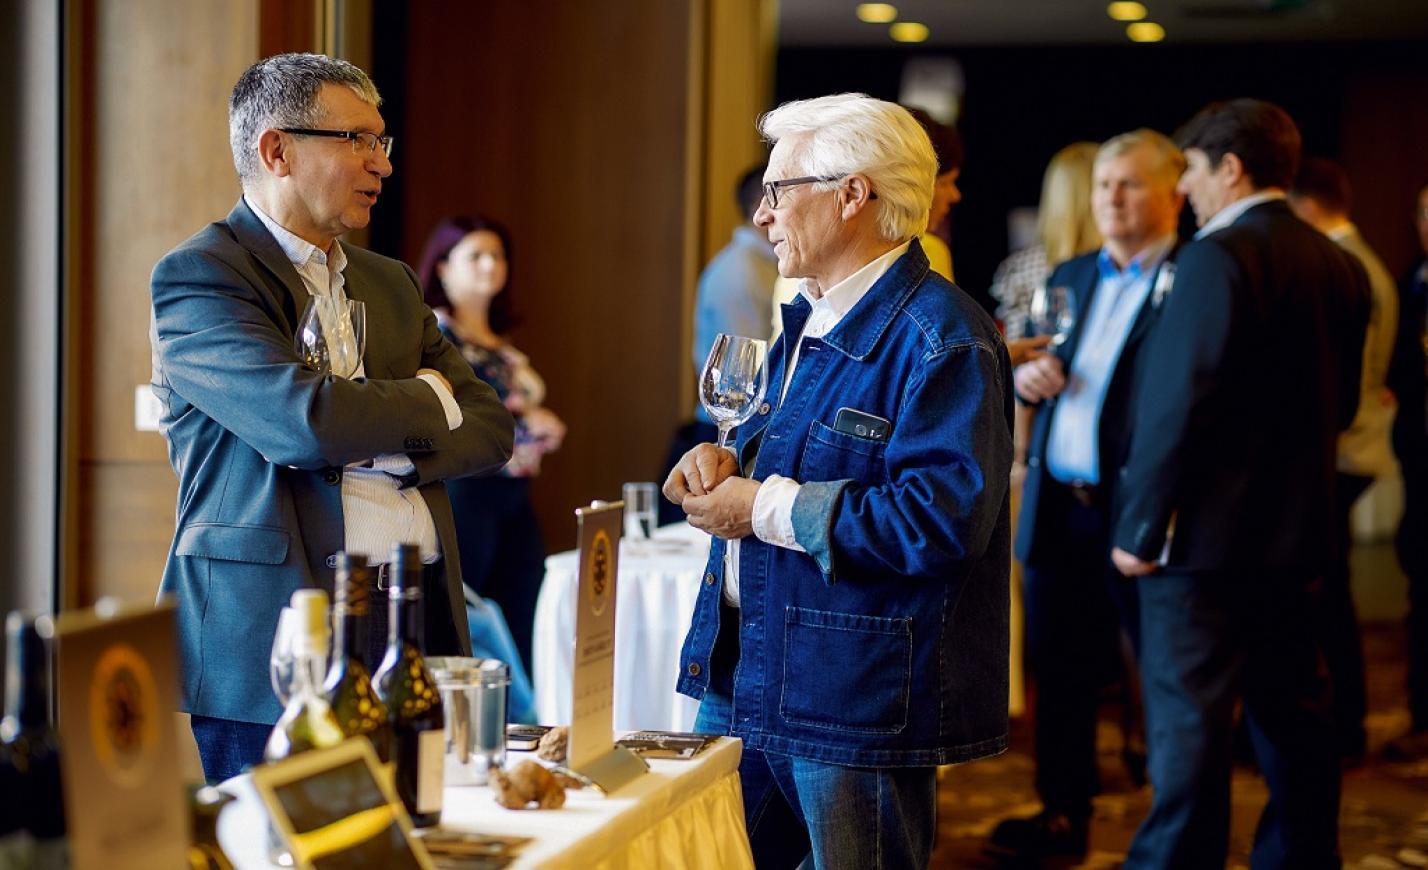 Az 50 legjobb borász közül kerül ki a Borászok Borásza